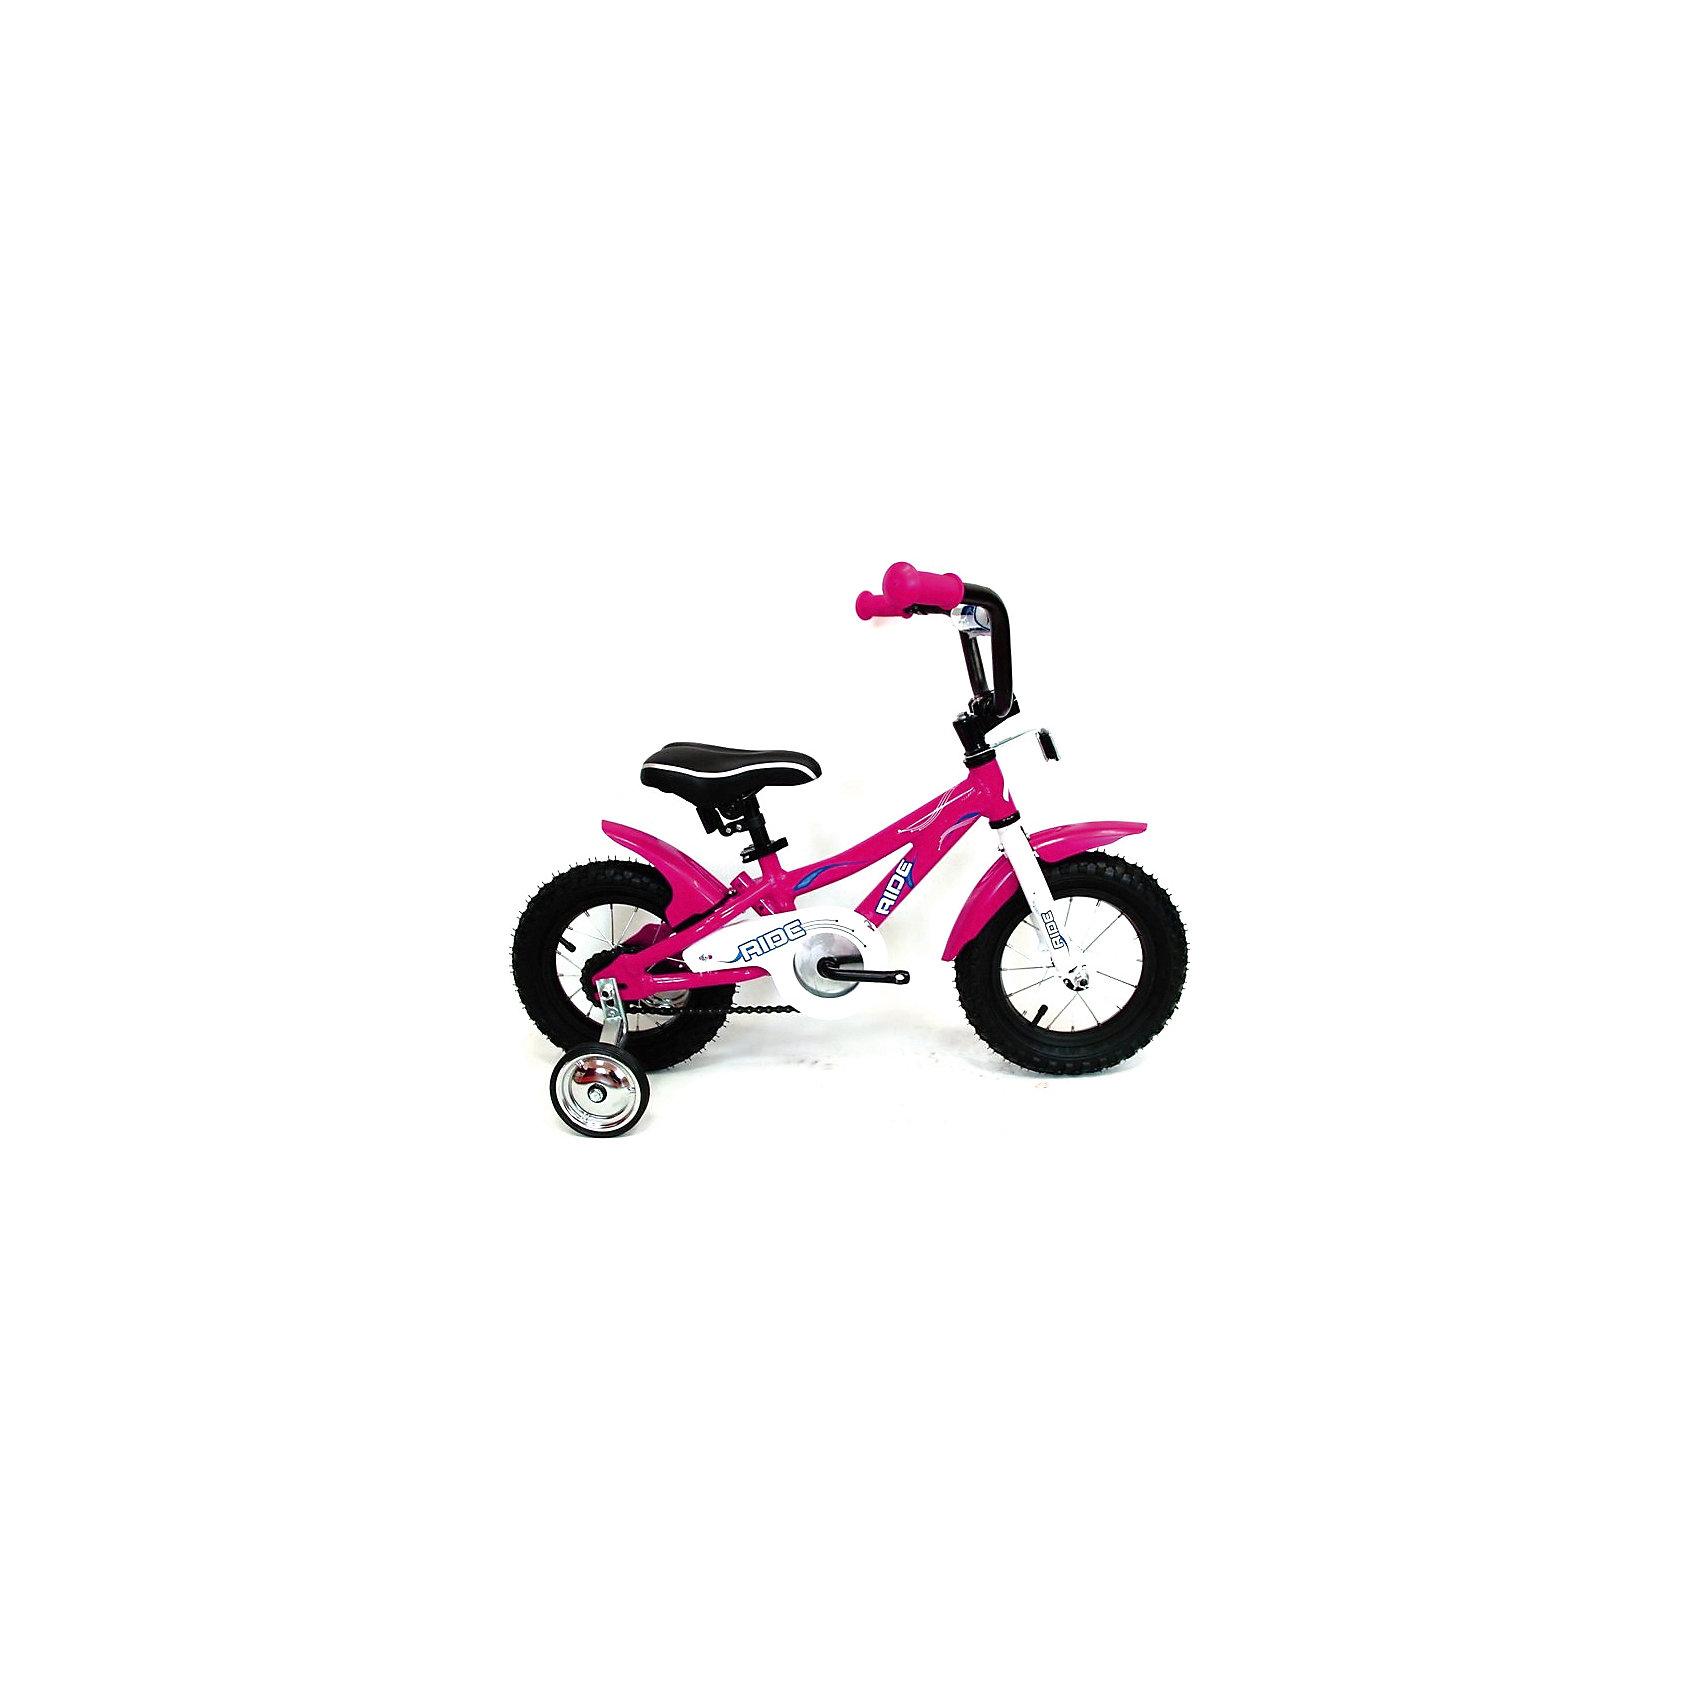 Велосипед RIDE, MARS, темно-розовыйВелосипеды детские<br><br><br>Ширина мм: 400<br>Глубина мм: 400<br>Высота мм: 1000<br>Вес г: 10000<br>Возраст от месяцев: 24<br>Возраст до месяцев: 60<br>Пол: Унисекс<br>Возраст: Детский<br>SKU: 4785497